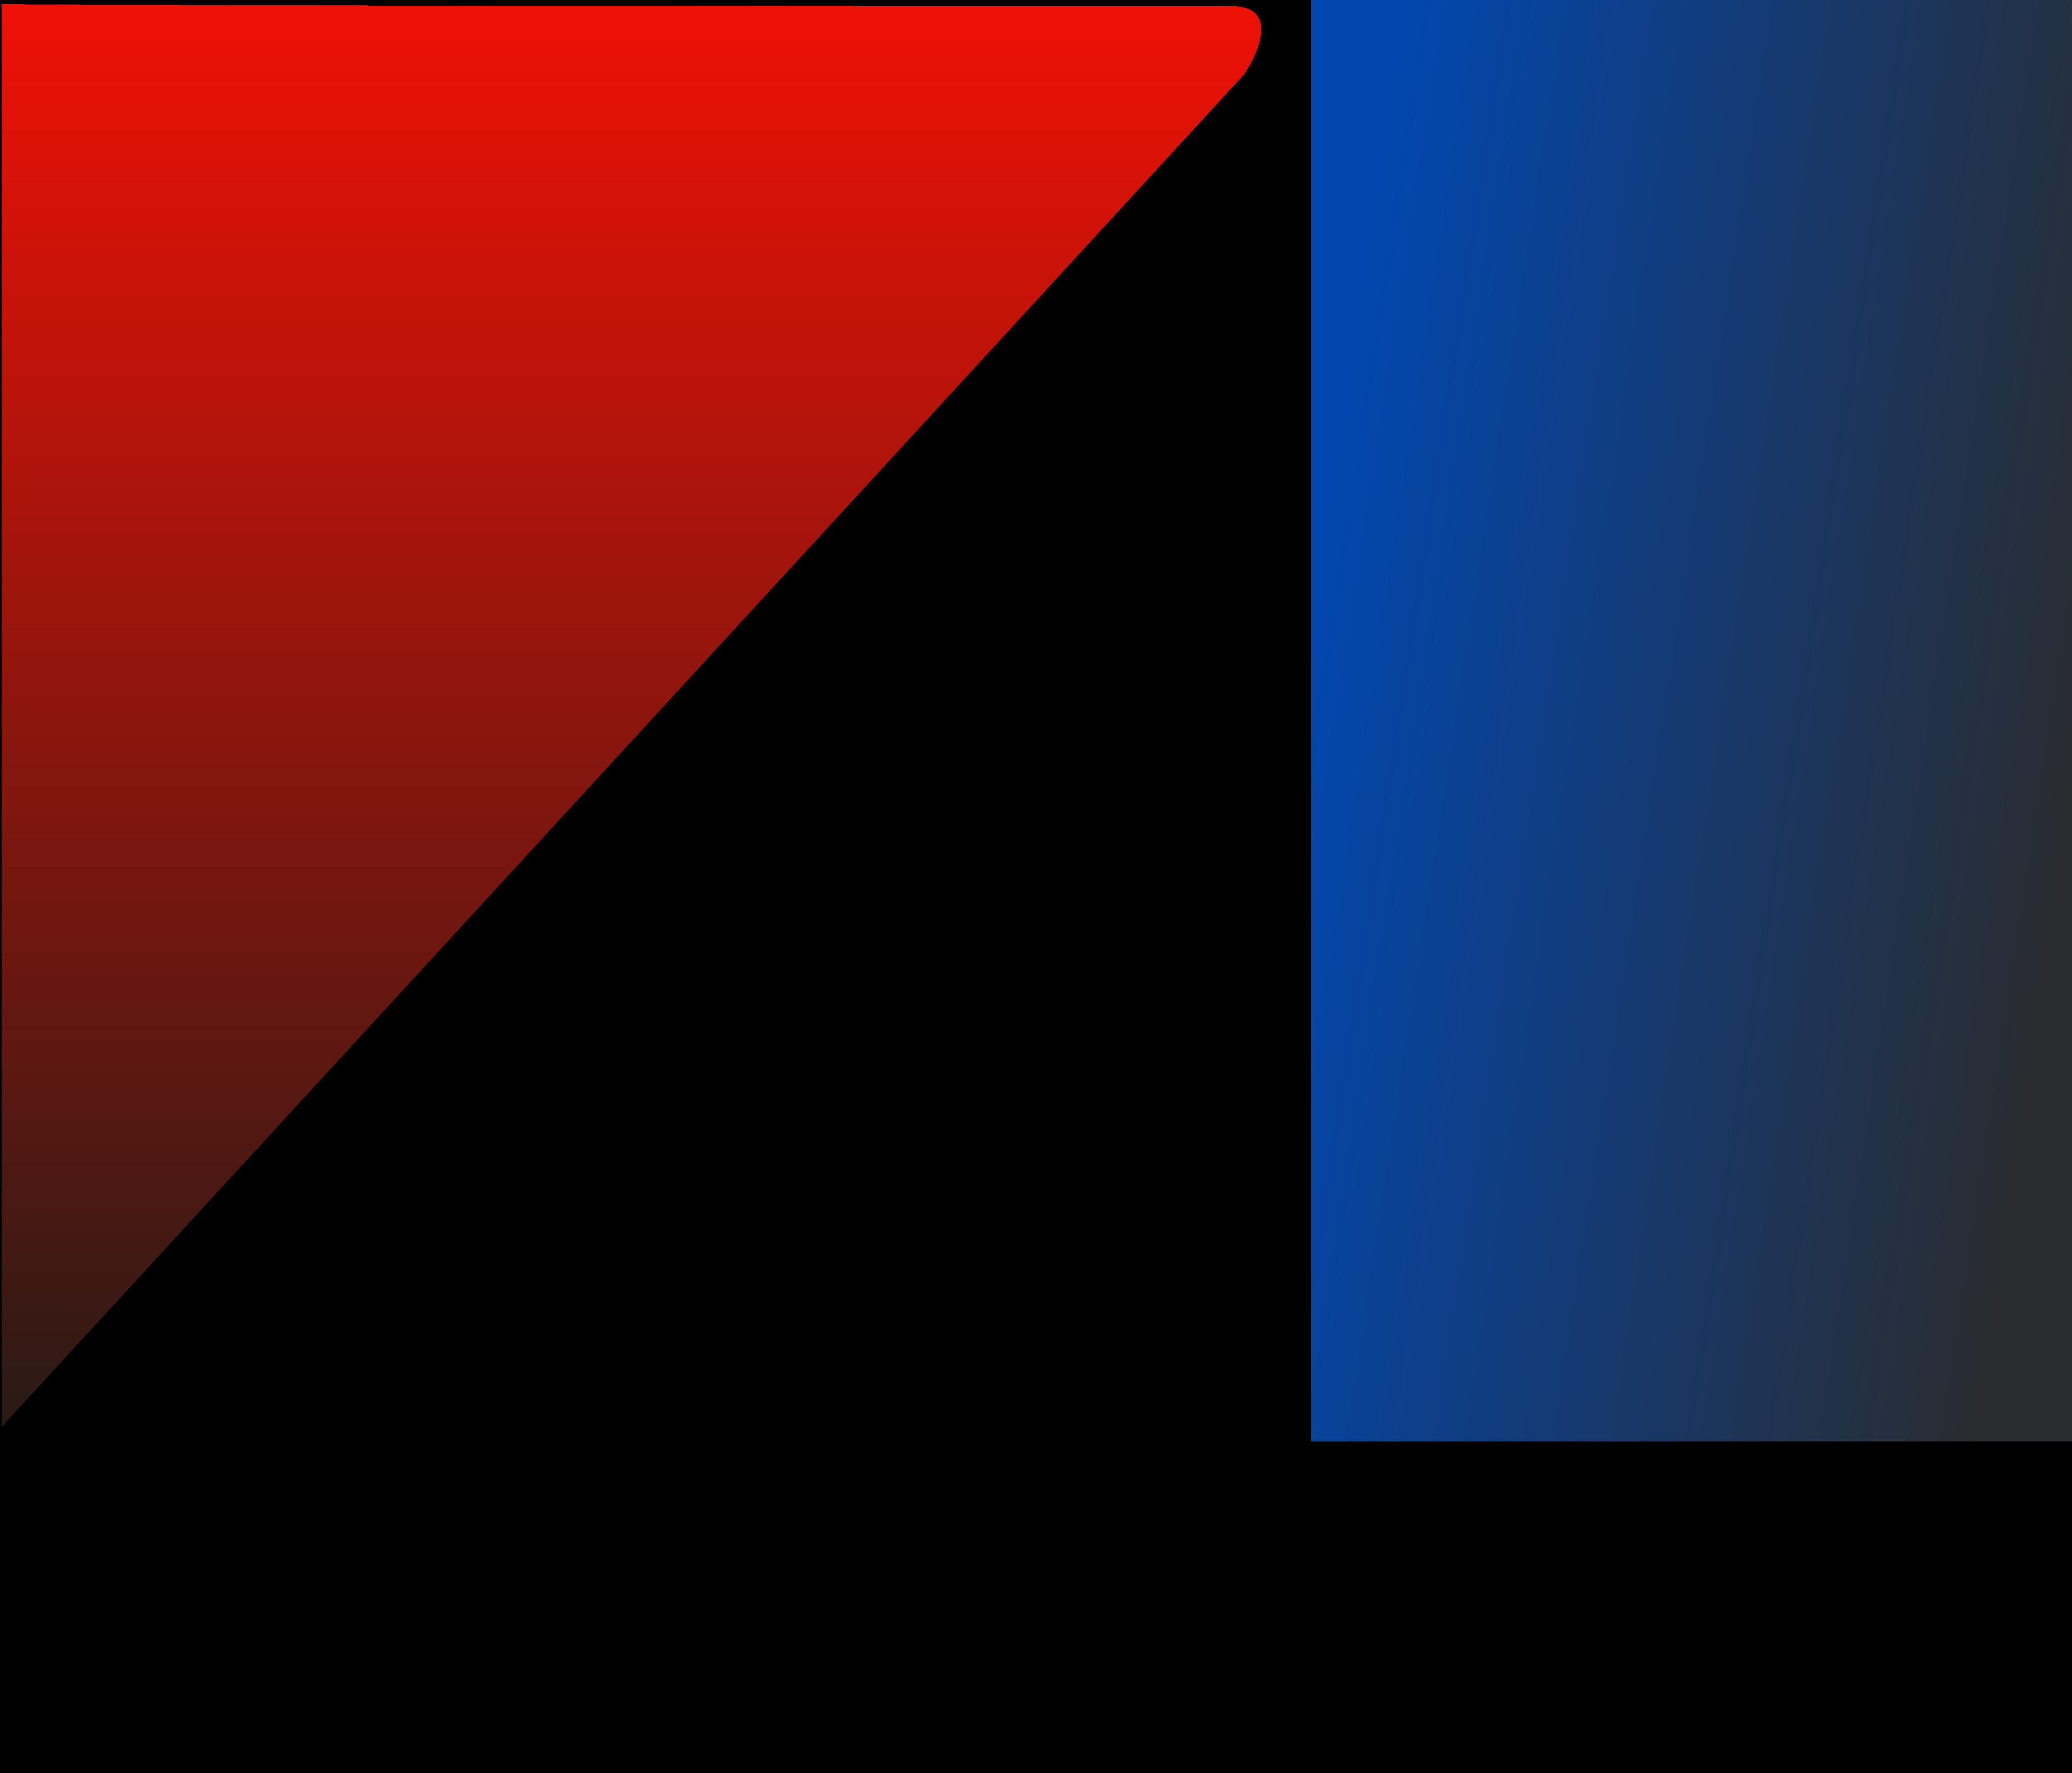 american motors corporation � logos download